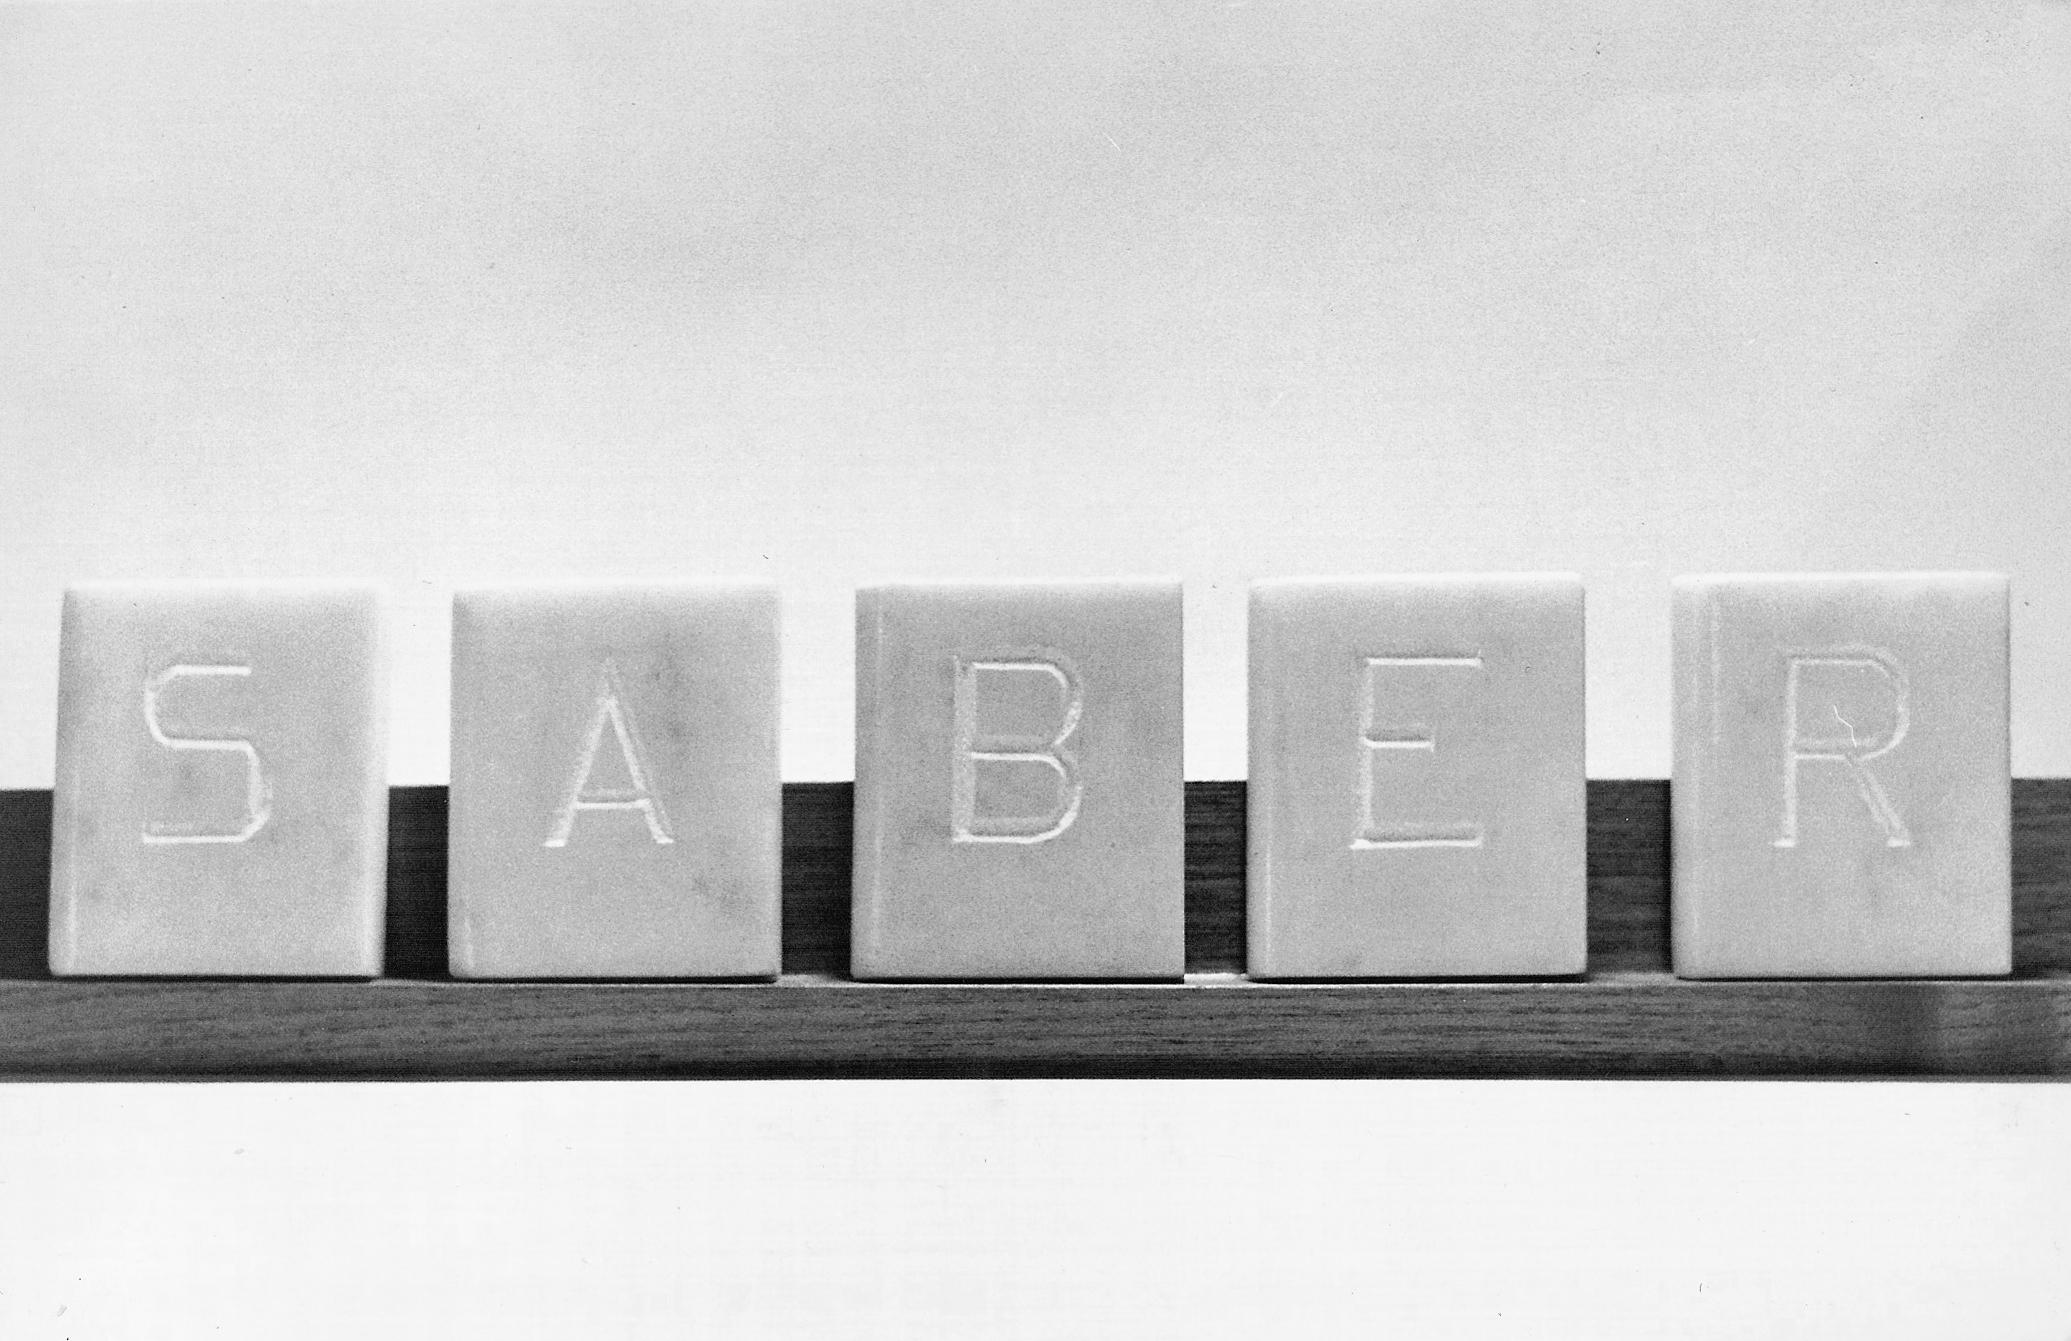 Abecedario, SABER, libros en mármol de Carrara 6 cm x 5 cm x 2cm, 1984